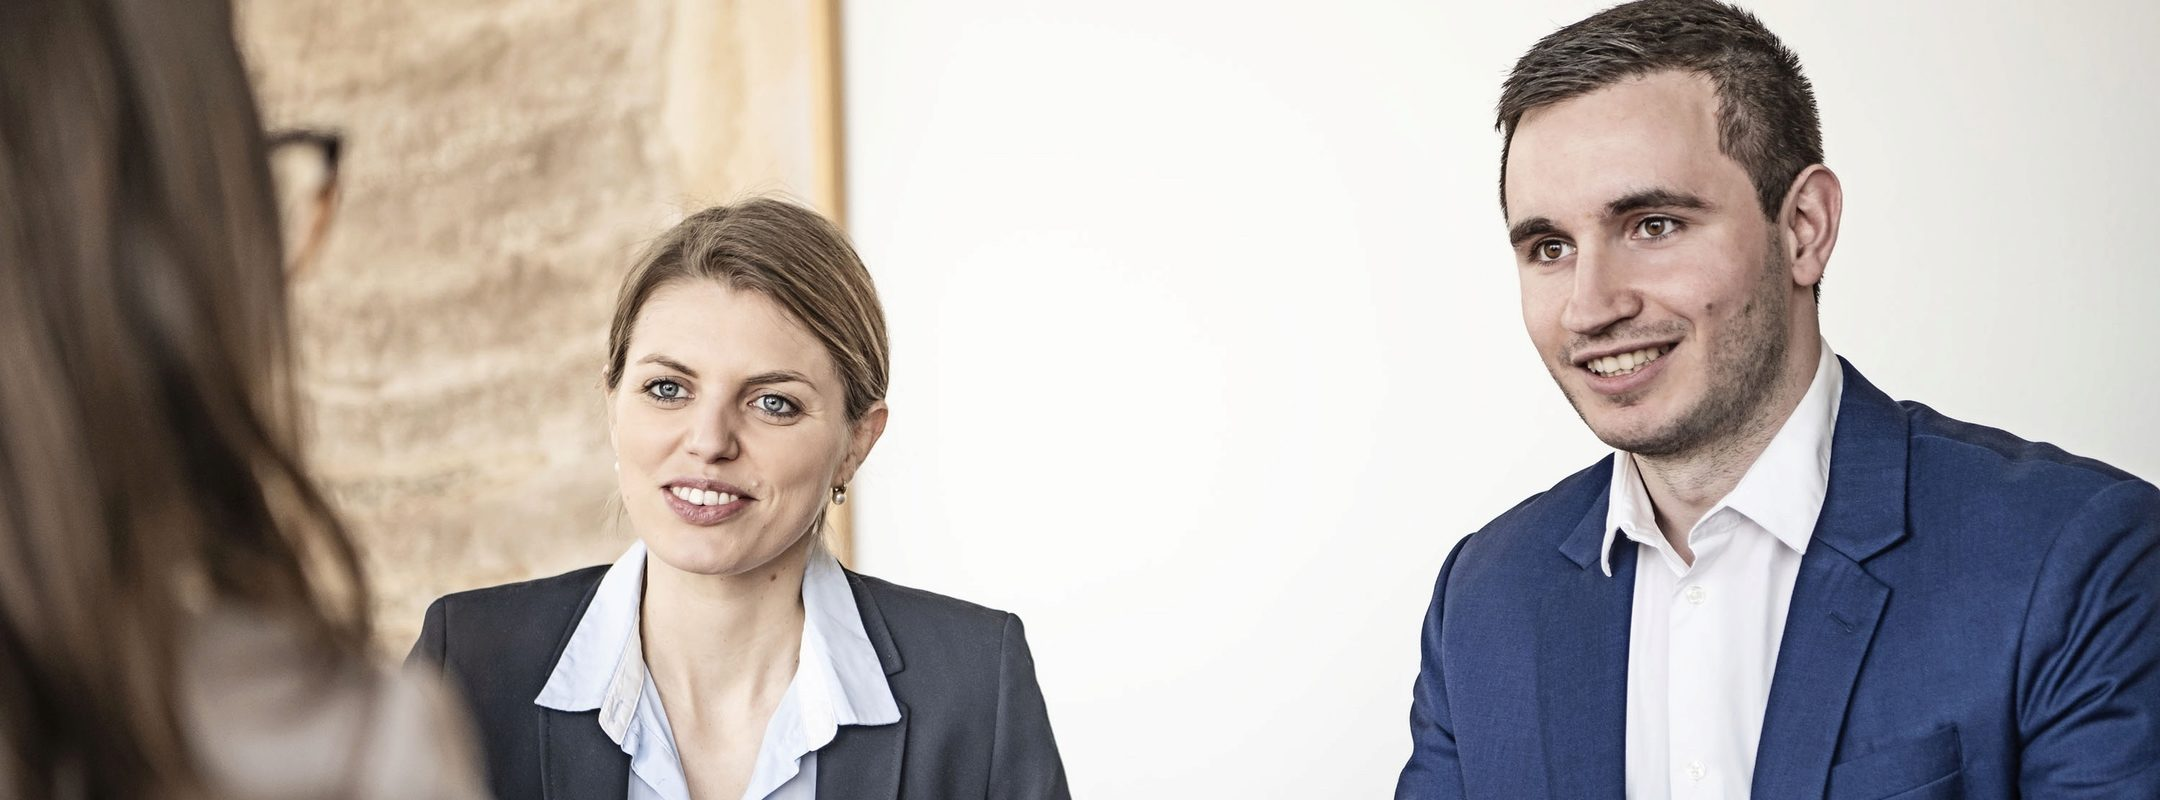 Selbstmanagement und Zeitmanagement für Anwälte - bei Dolde Mayen & Partner groß geschrieben